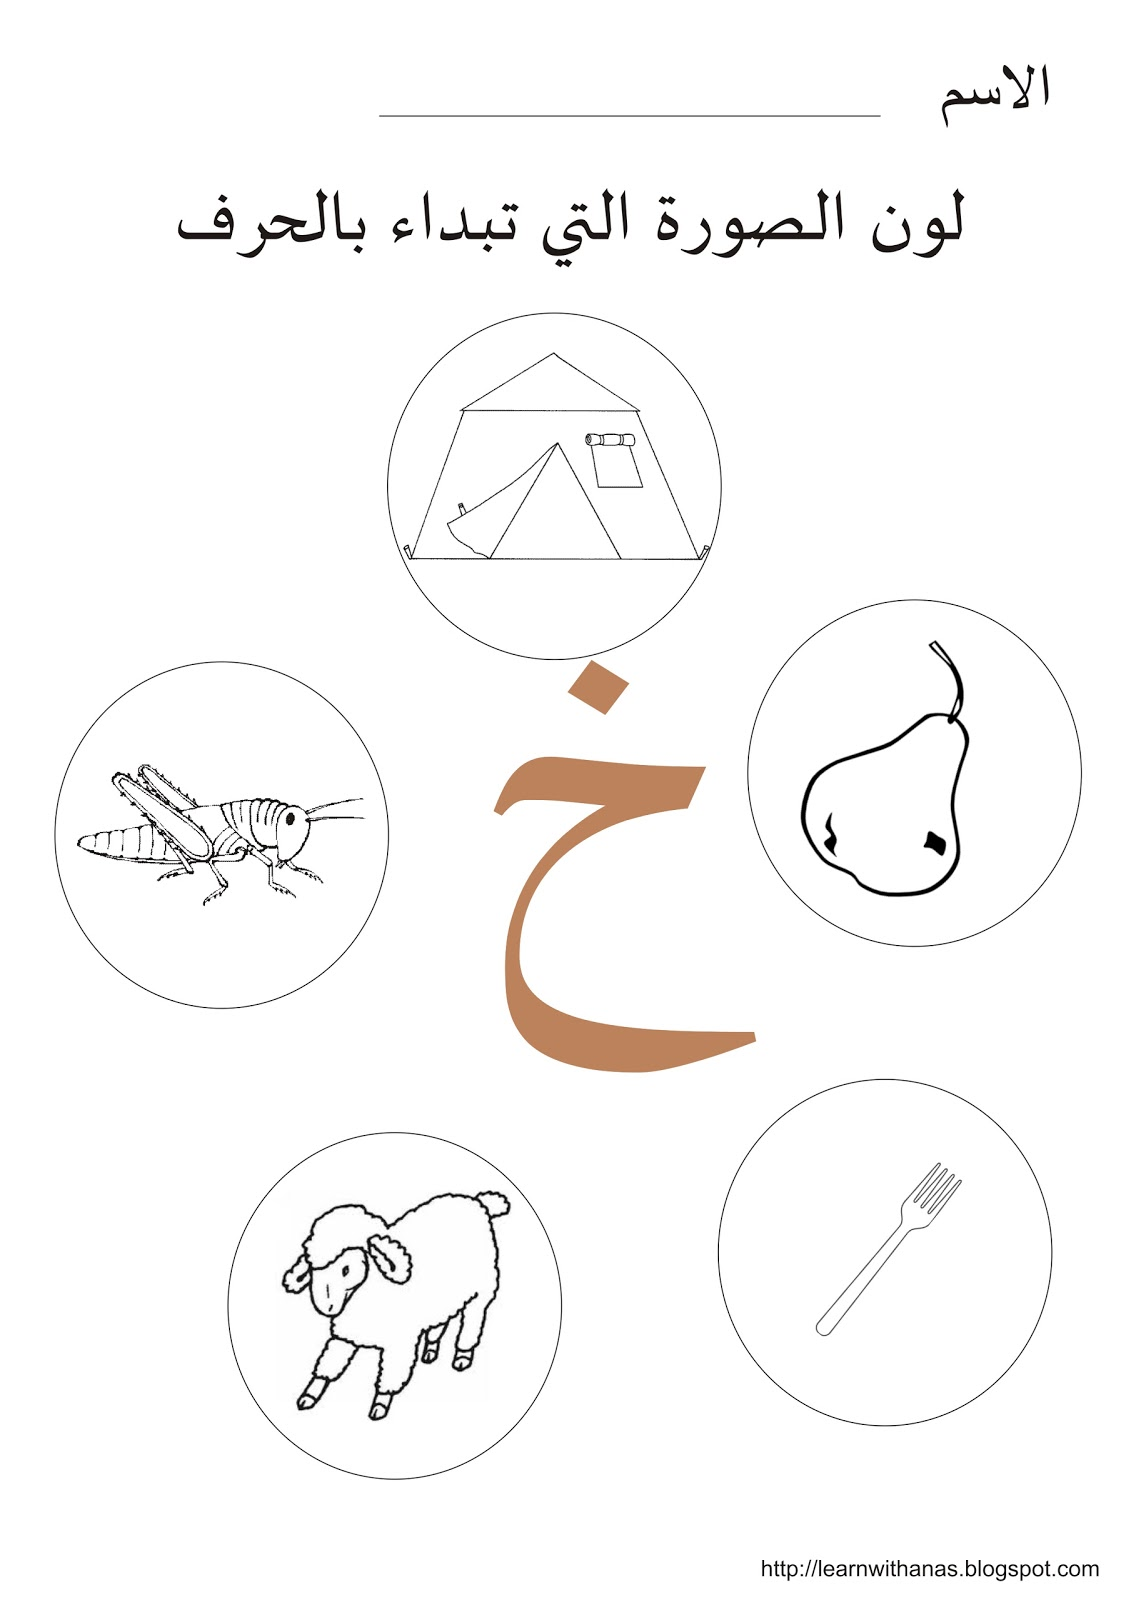 Mamma Lar Mig Profeten Noh Aleihi Salaam A Worksheet